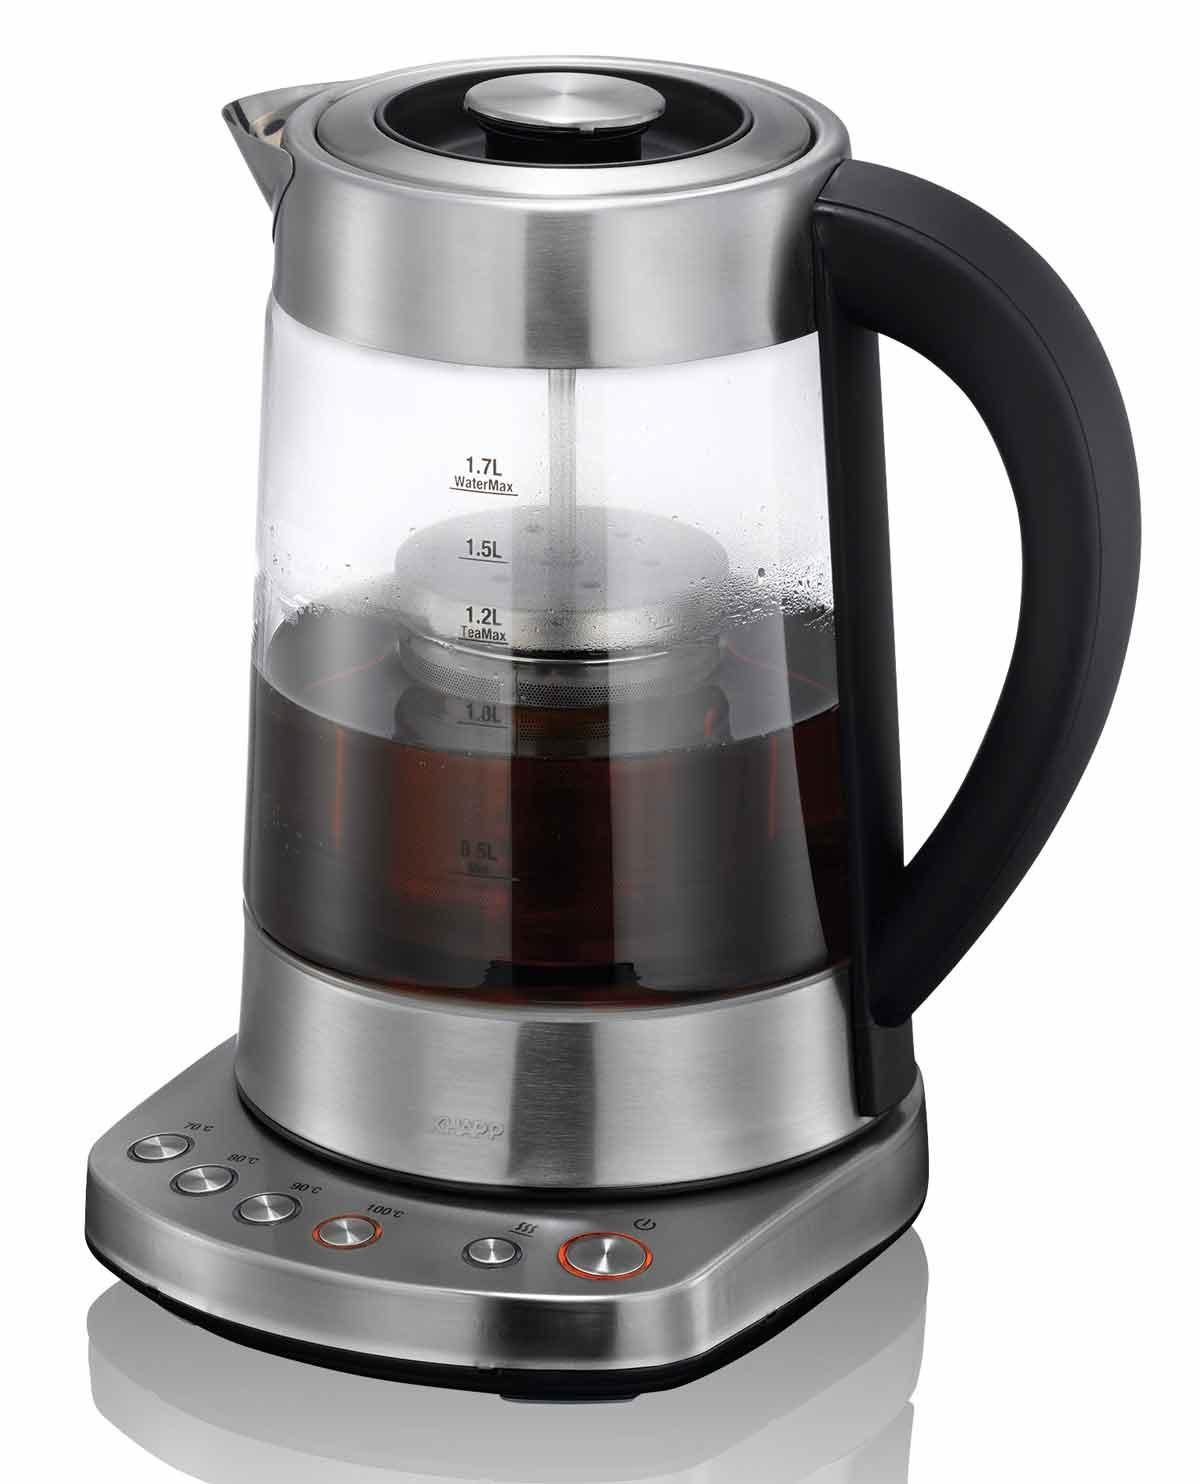 2 in 1 Wasserkocher und Teekocher KHAPP 15130003 – Bild 1